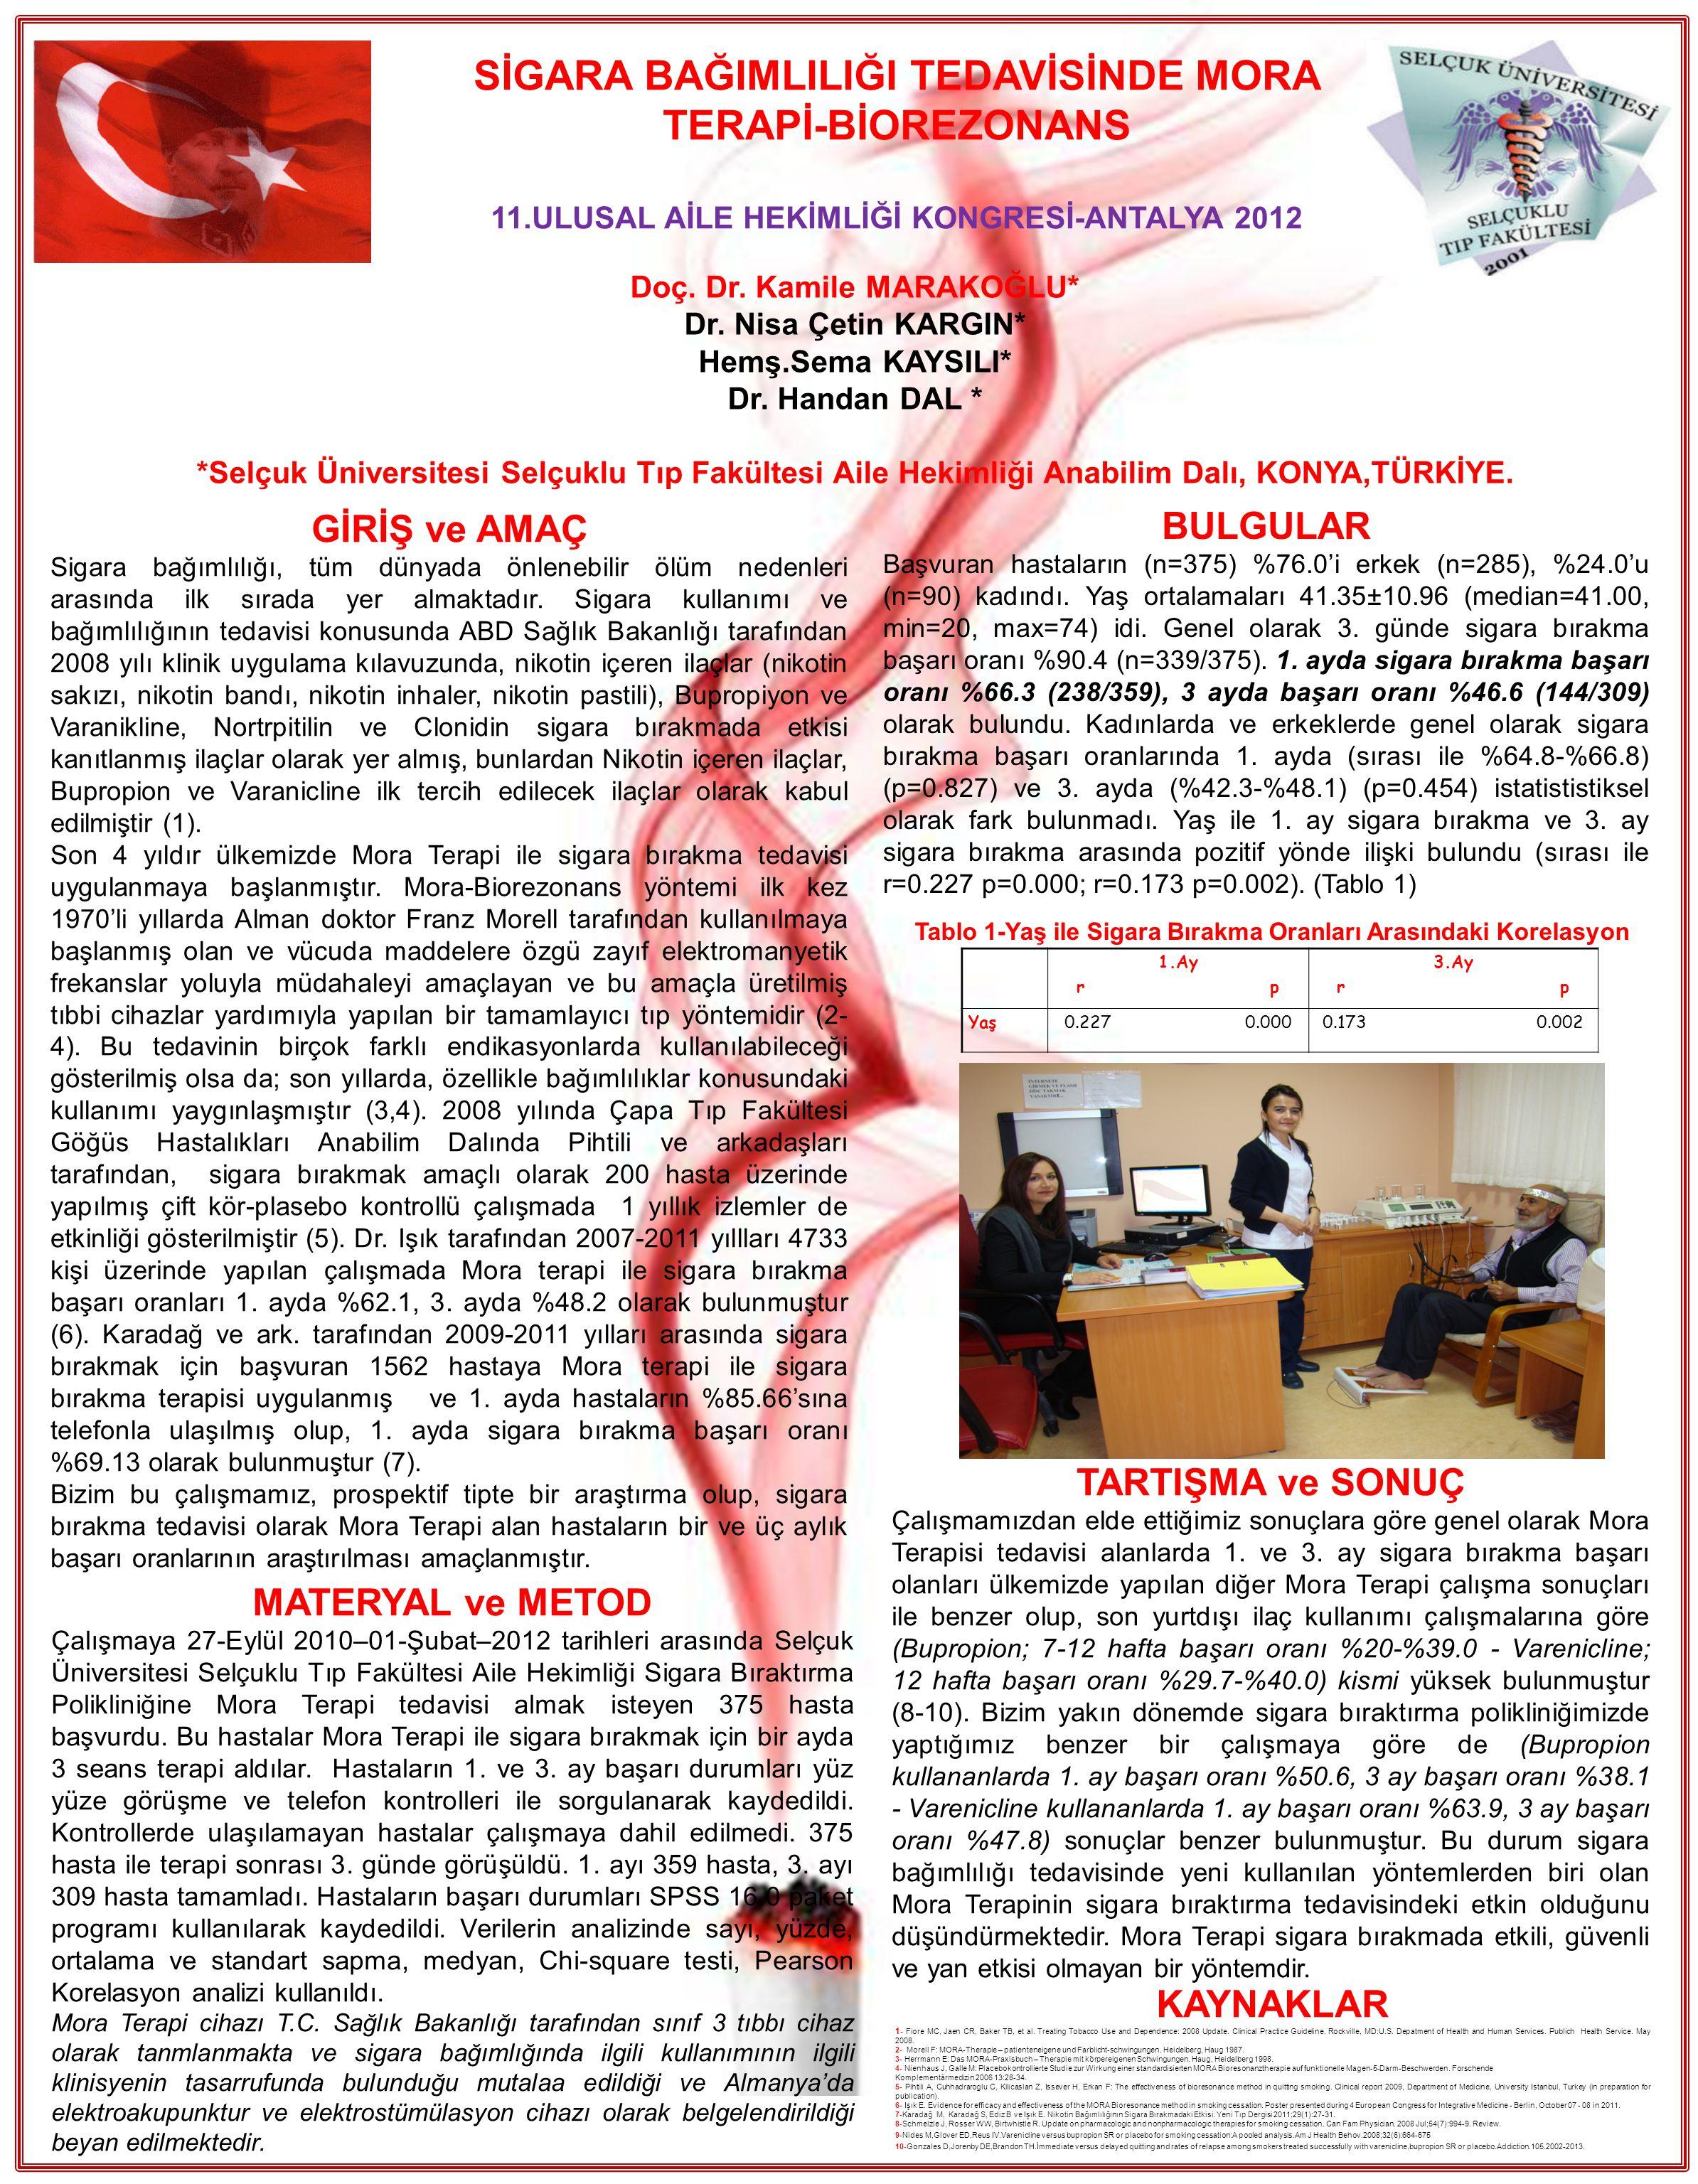 SİGARA BAĞIMLILIĞI TEDAVİSİNDE MORA TERAPİ-BİOREZONANS 11.ULUSAL AİLE HEKİMLİĞİ KONGRESİ-ANTALYA 2012 Doç. Dr. Kamile MARAKOĞLU* Dr. Nisa Çetin KARGIN